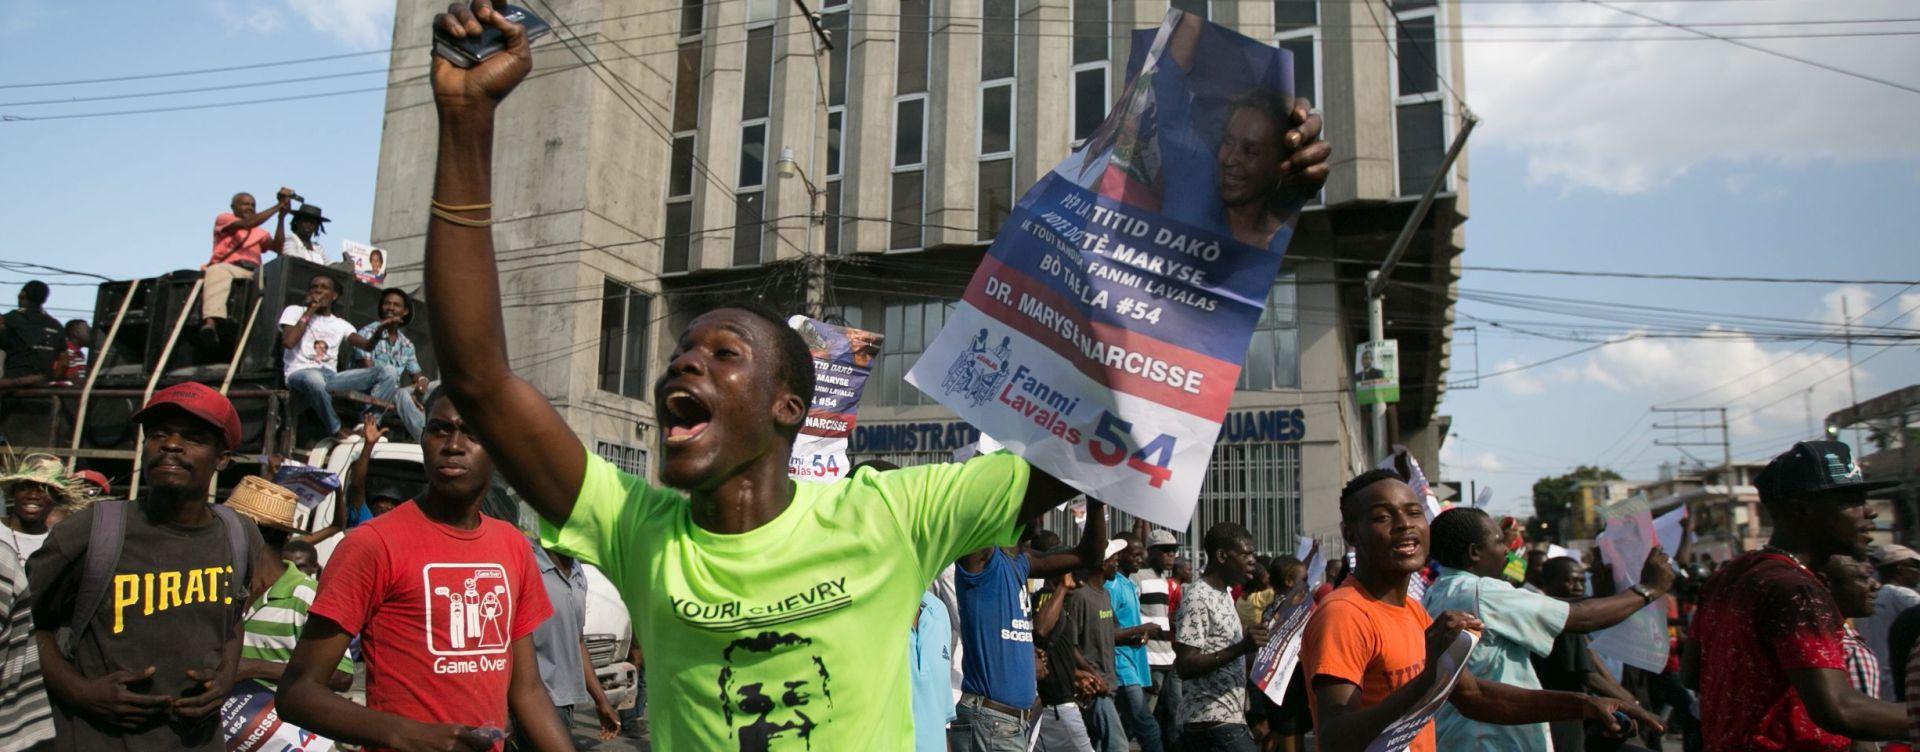 SVE GORE BEZVLAŠĆE: Haiti nema više predsjednika